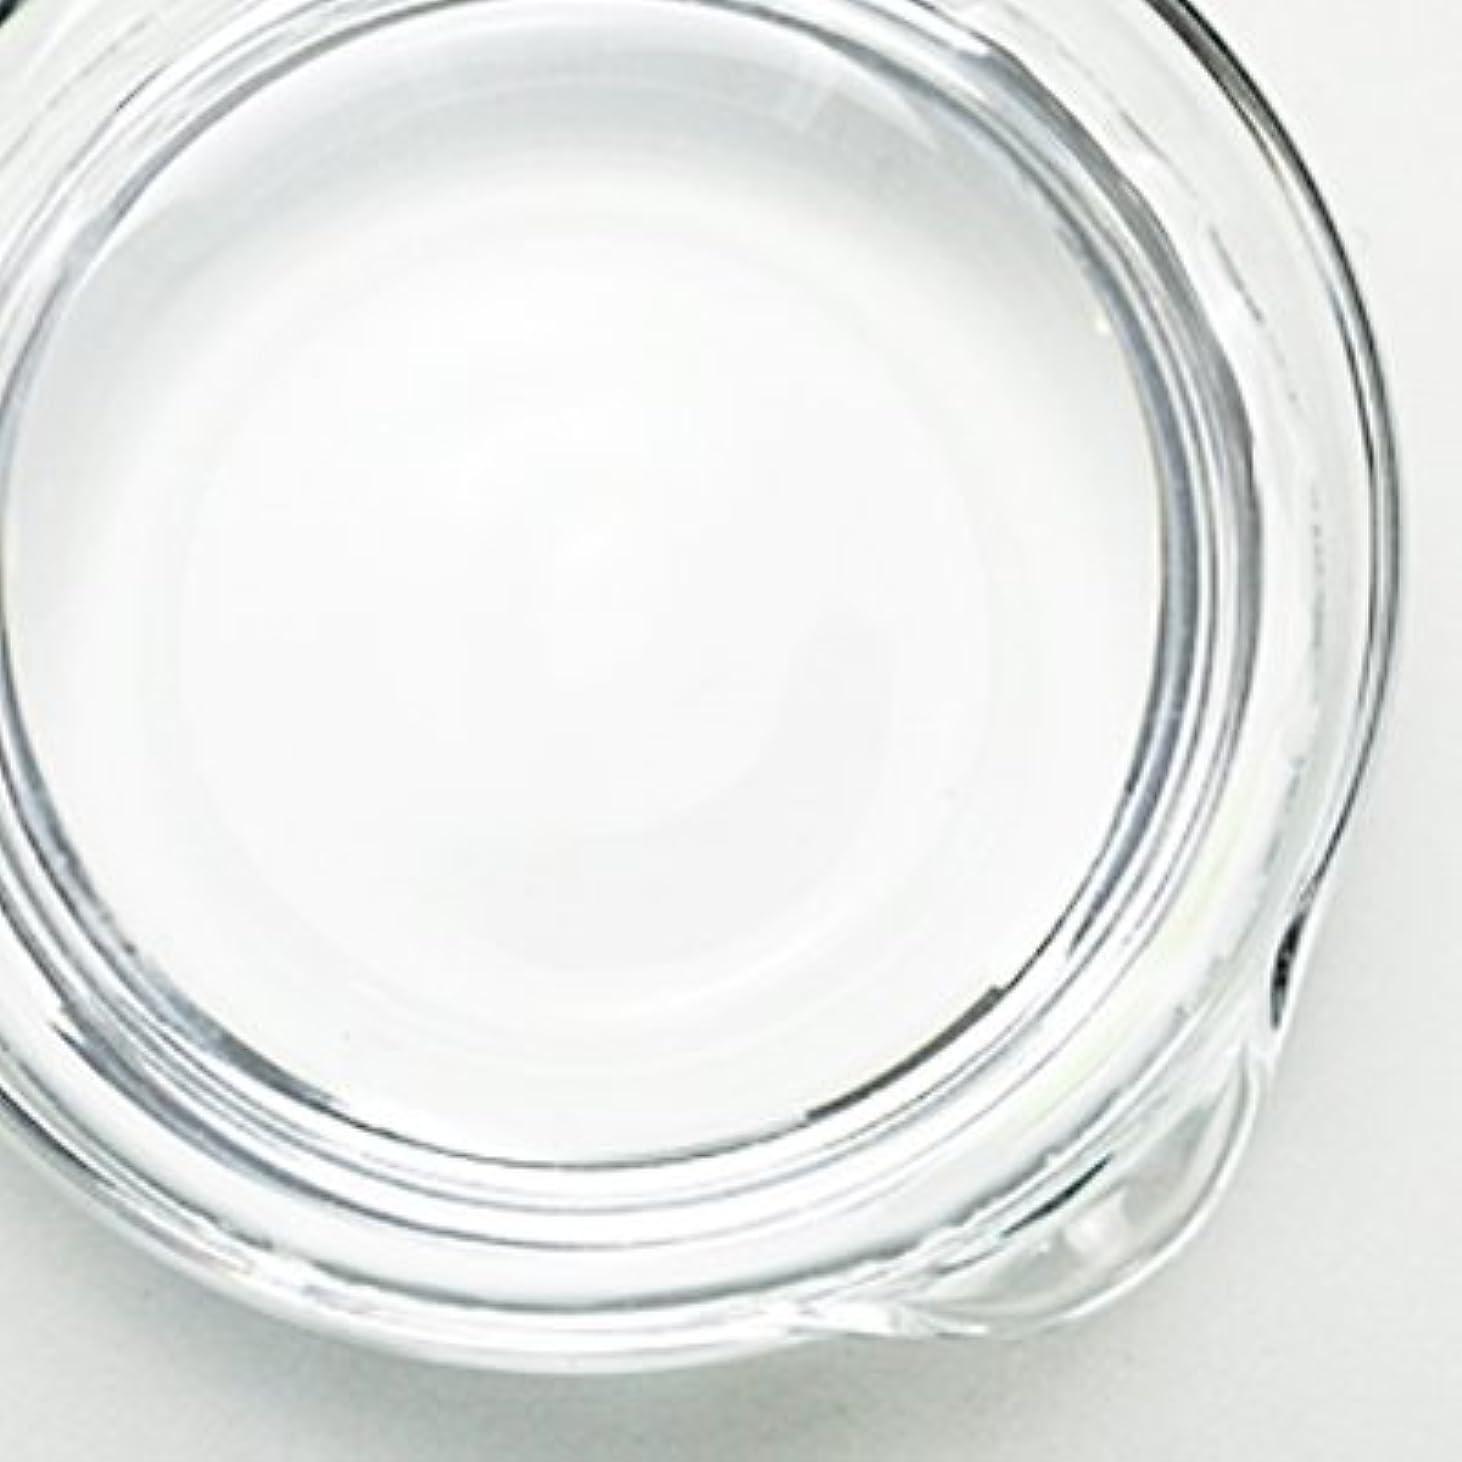 こどもの日義務づける傾向がある1,3-ブチレングリコール[BG] 250ml 【手作り石鹸/手作りコスメ】